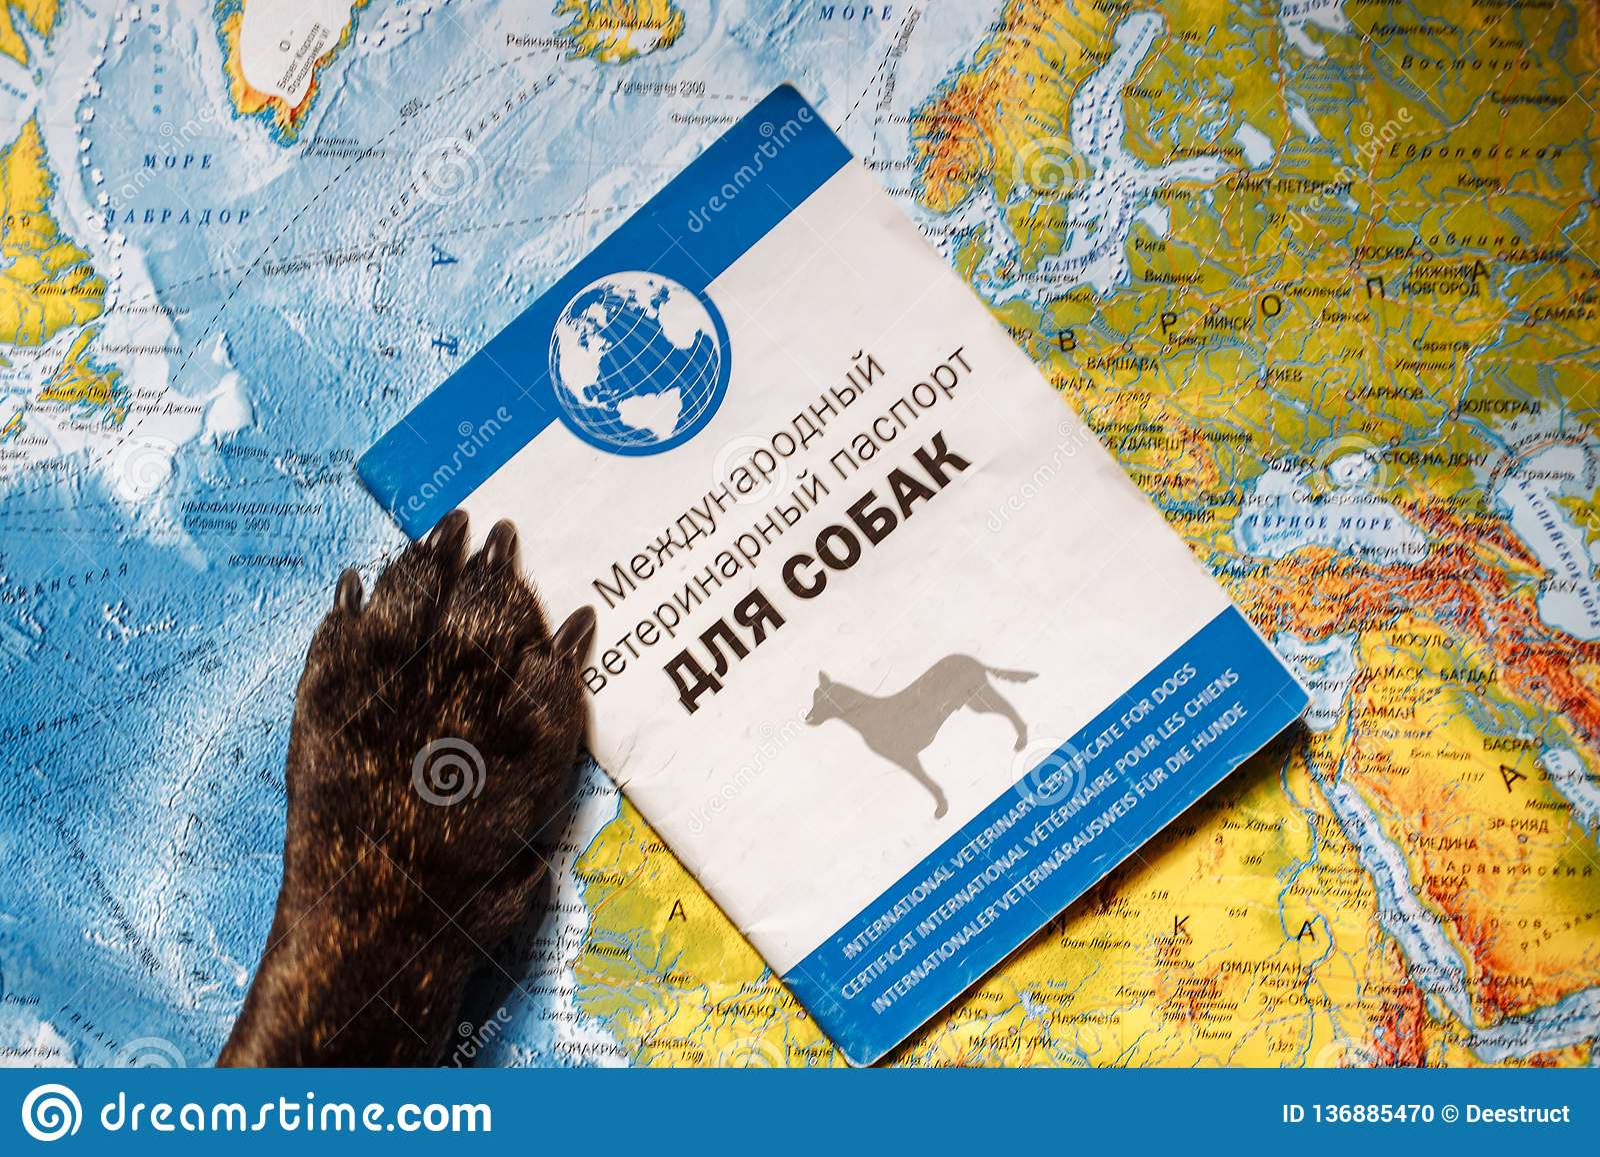 Французский бульдог лежит на карте мира с паспортом, шляпой и небольшим самолетом, близкими вверх по лапкам, перемещению с собако